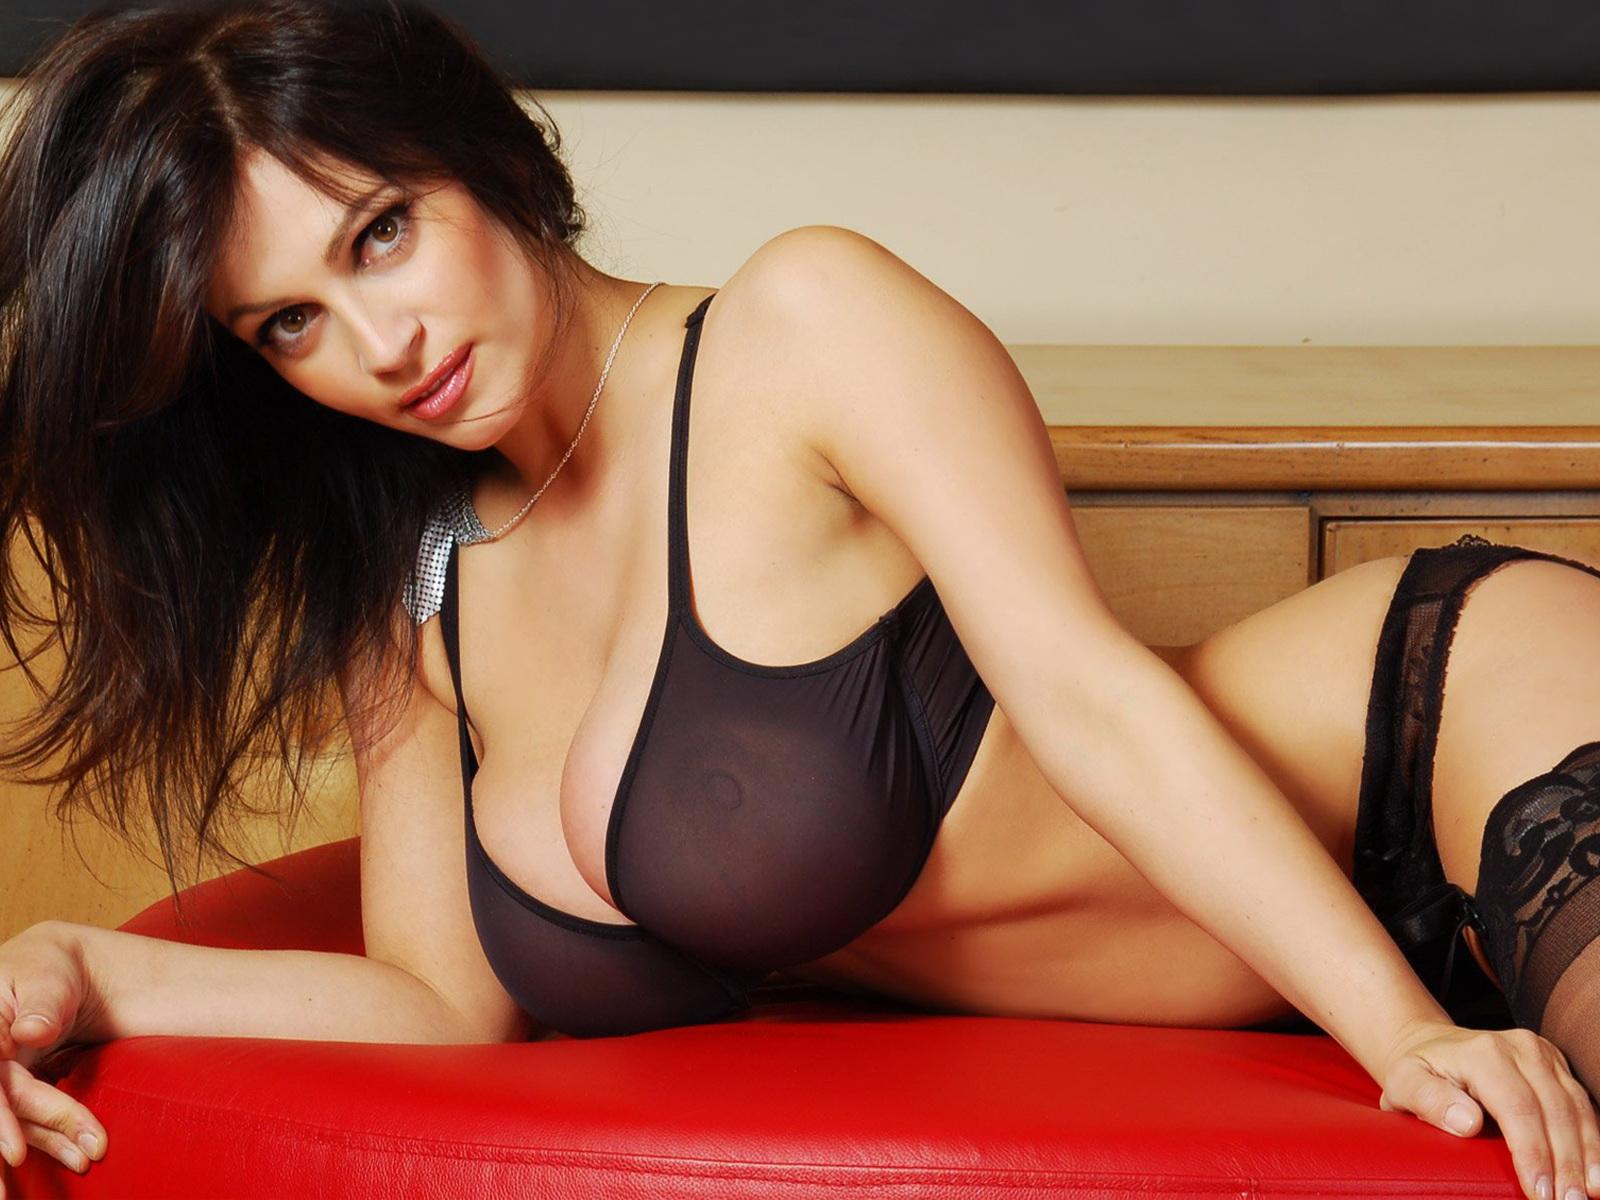 Sexy Babe Videos 56